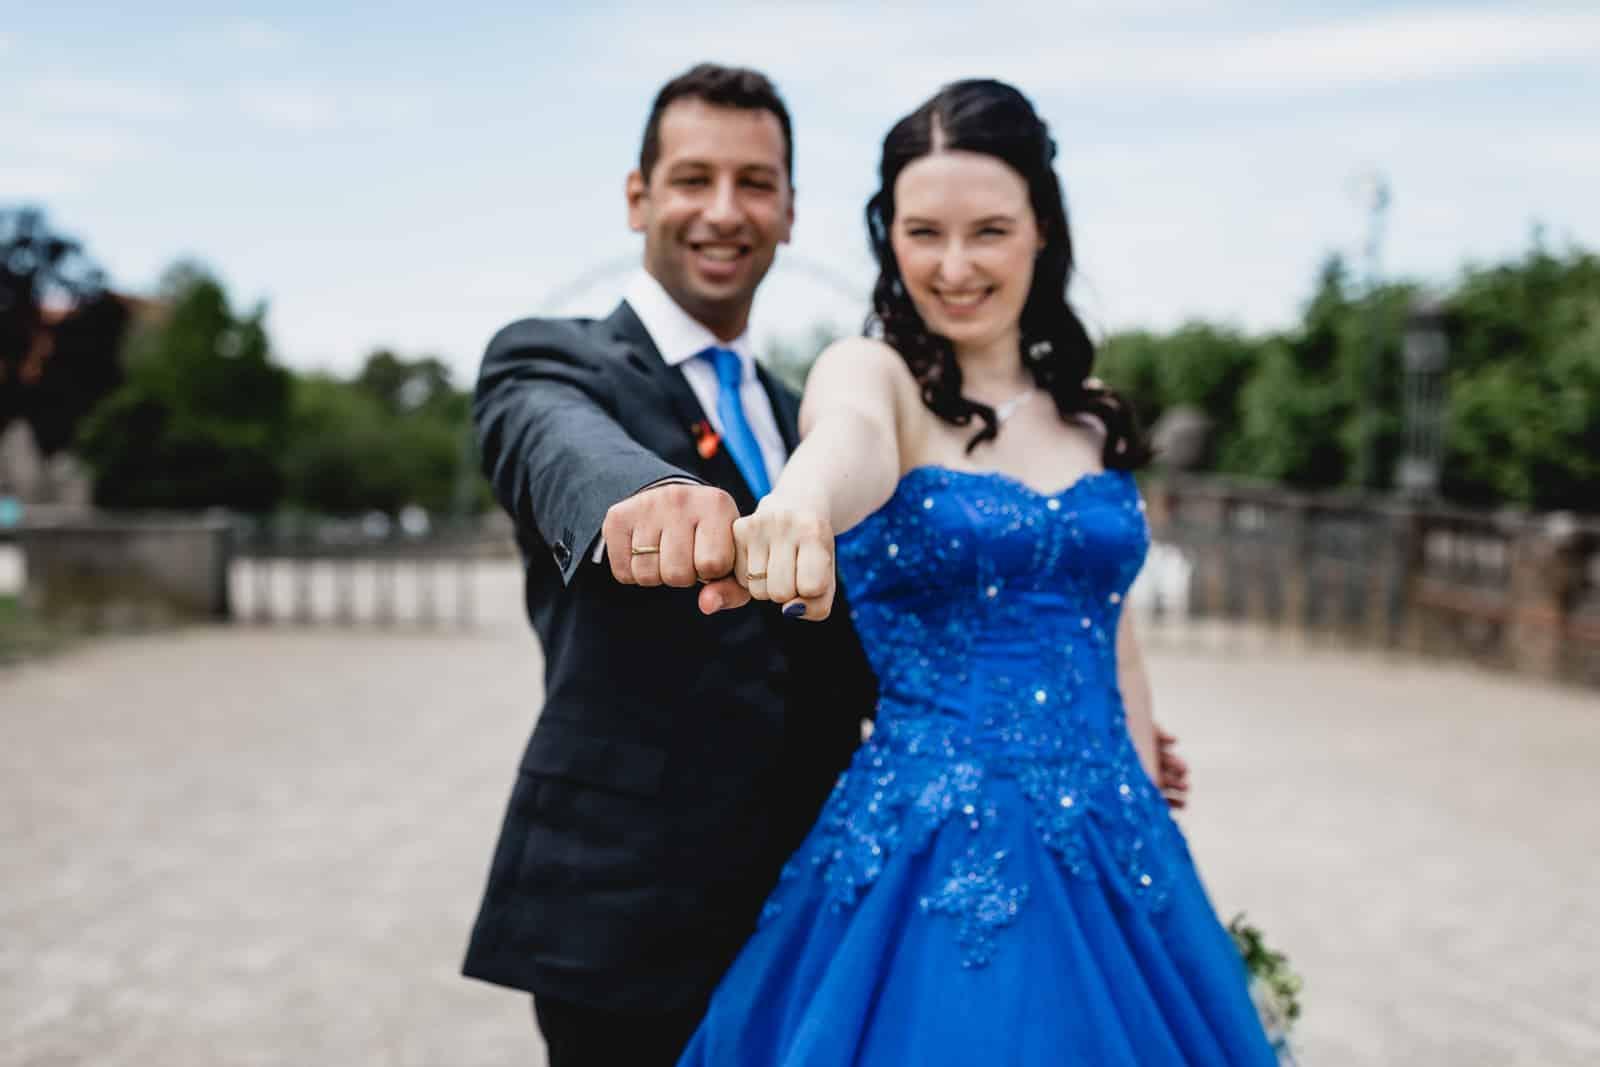 Braut in blau und ihr Mann zeigen ihre Ringe in die Kamera auf der Mathildenhöhe Darmstadt